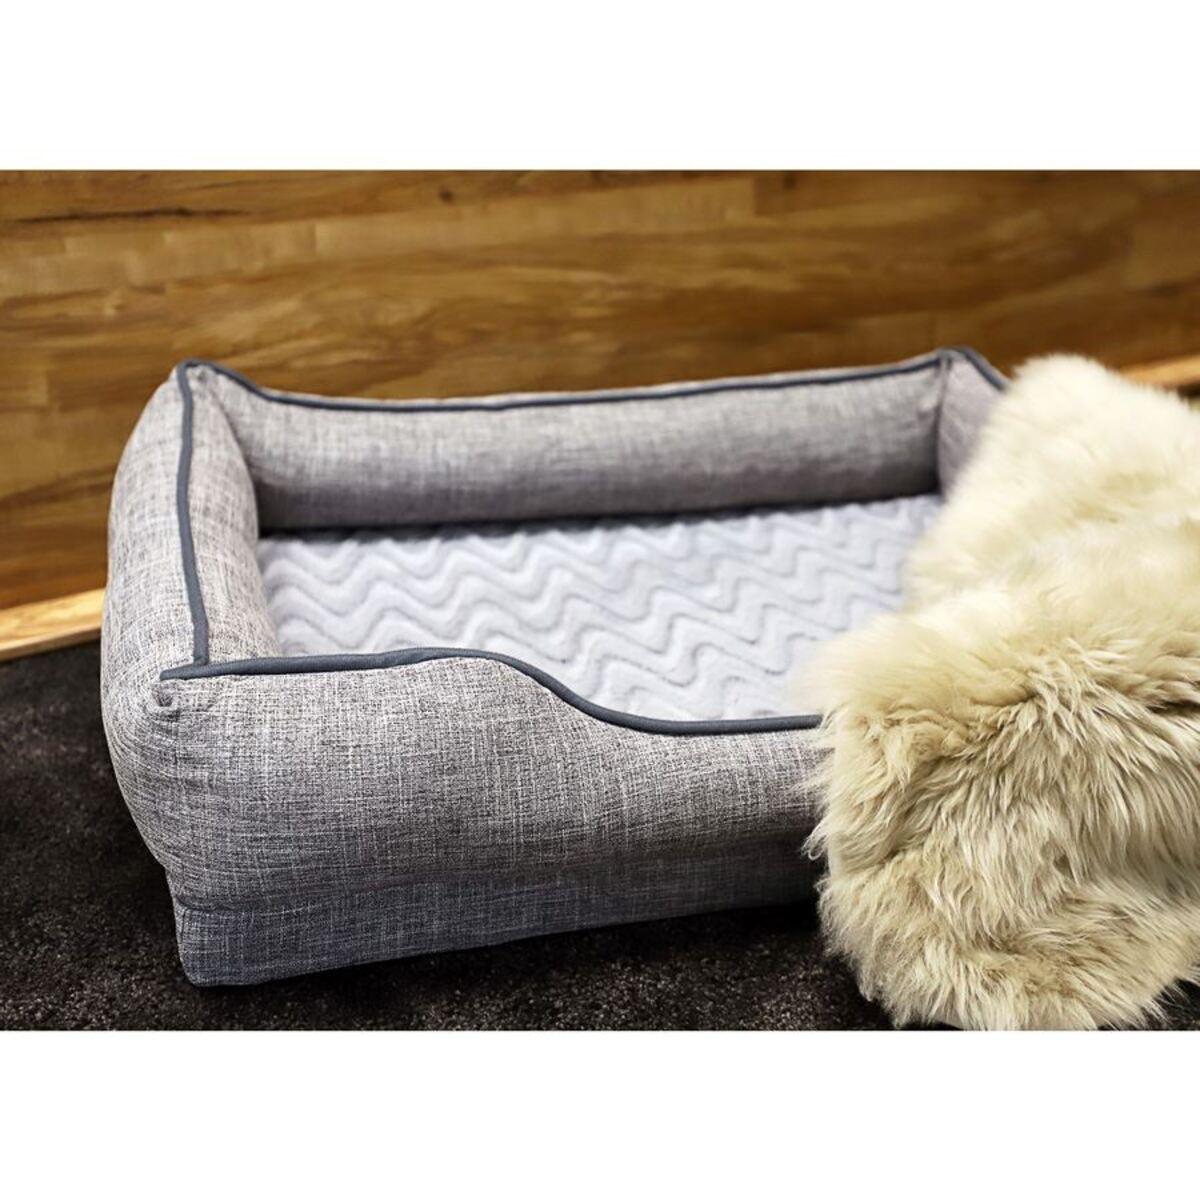 Bild 1 von Gepolstertes Hundebett Gr. M 80x59x18cm Grau